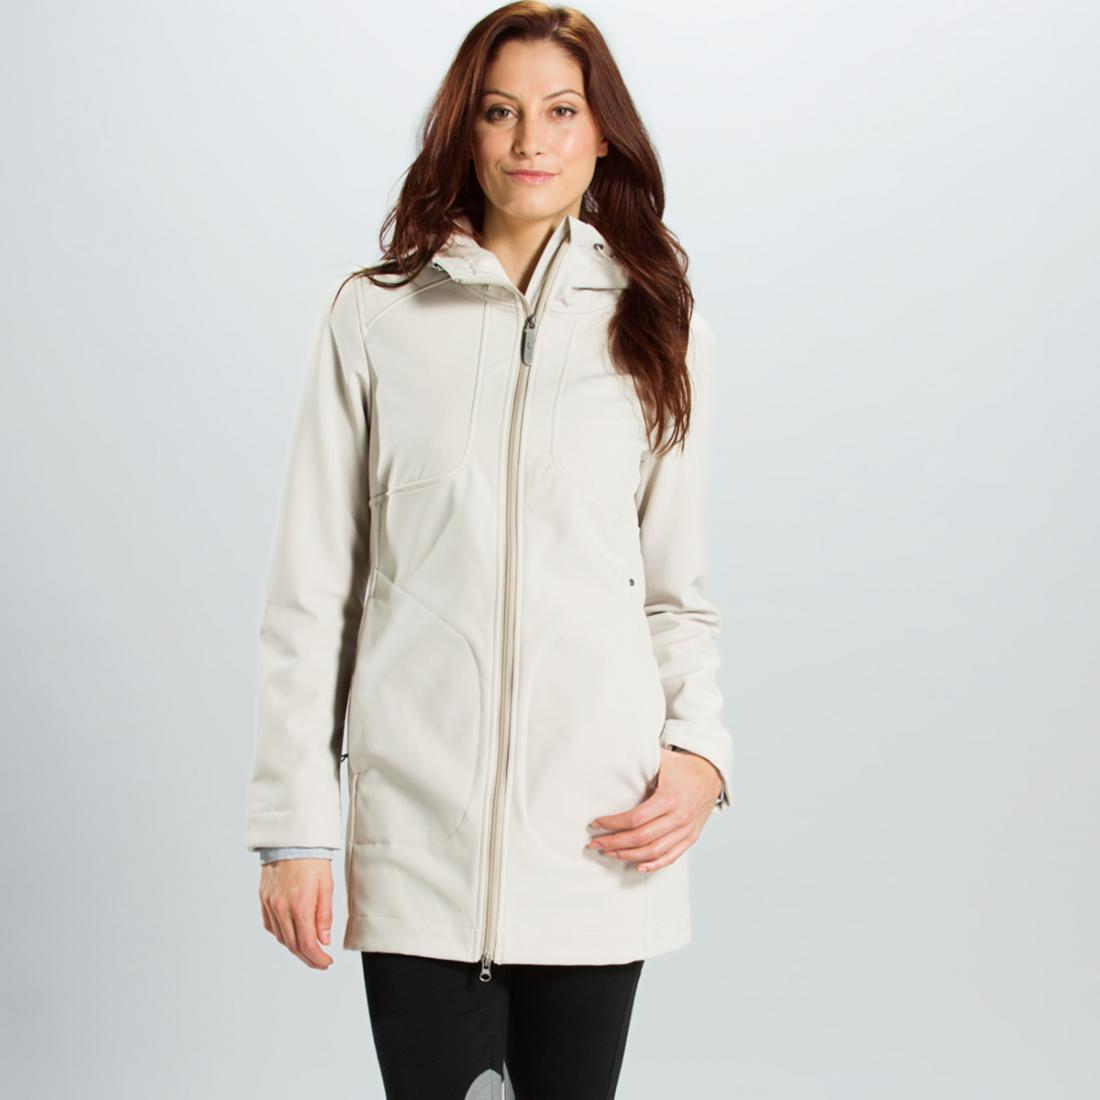 Куртка LUW0197 MUSE JACKETКуртки<br><br> Практичная вещь для межсезонья – куртка Muse отличается мягким подкладом, приятным на ощупь. Мембранная пропитка защитит от дождя и ветр...<br><br>Цвет: Белый<br>Размер: M